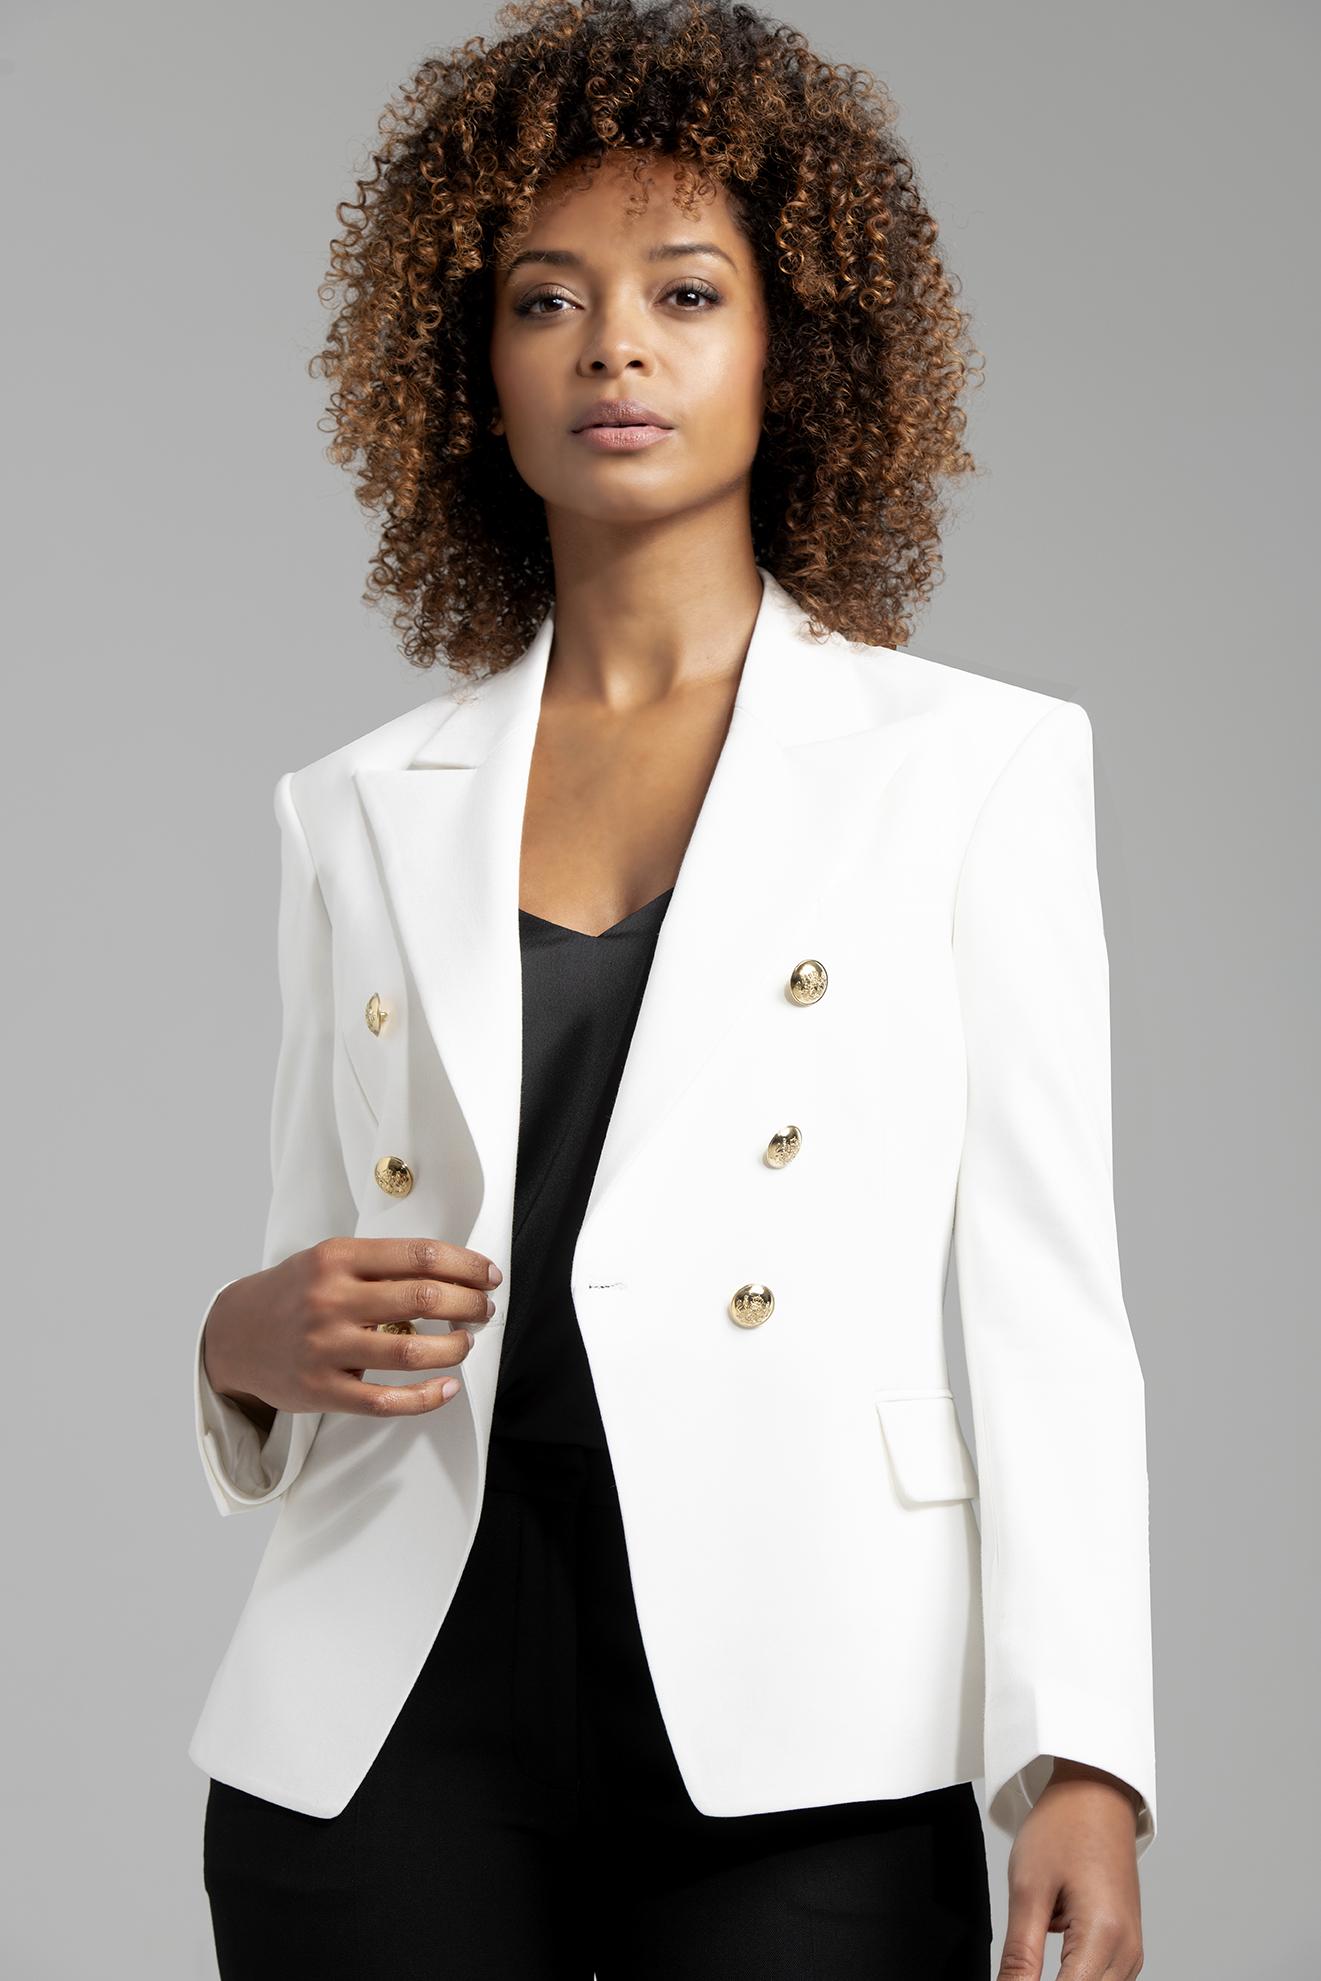 image_dress_wear_nvl_buy_2-1